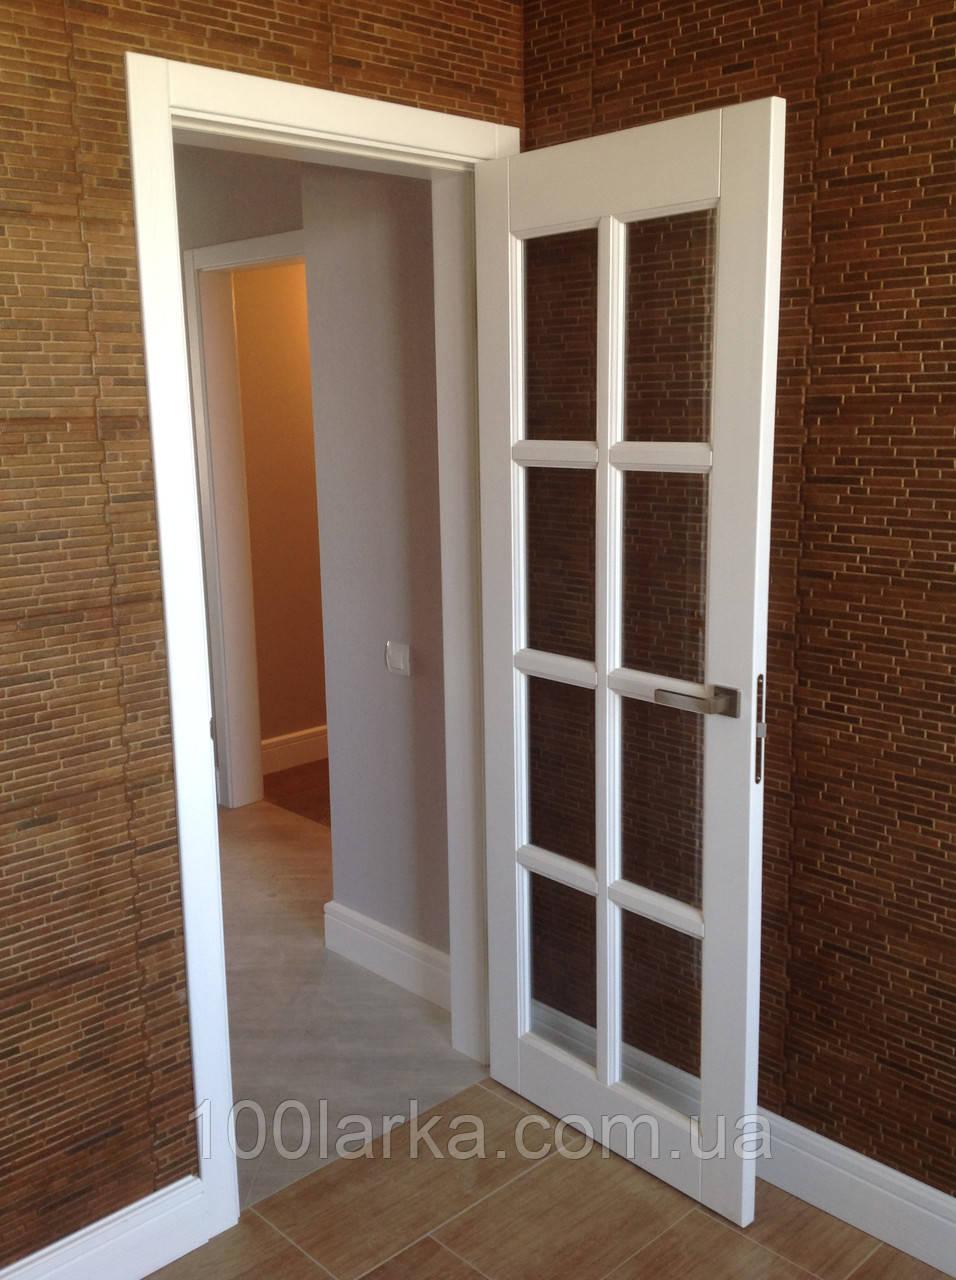 межкомнатные деревянные двери м 38 от производителя продажа цена